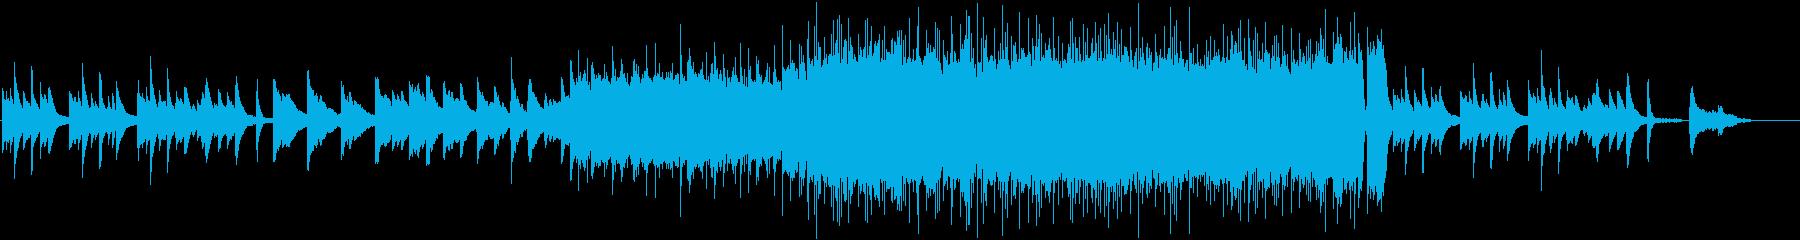 エンディング・感動的なバラードの再生済みの波形